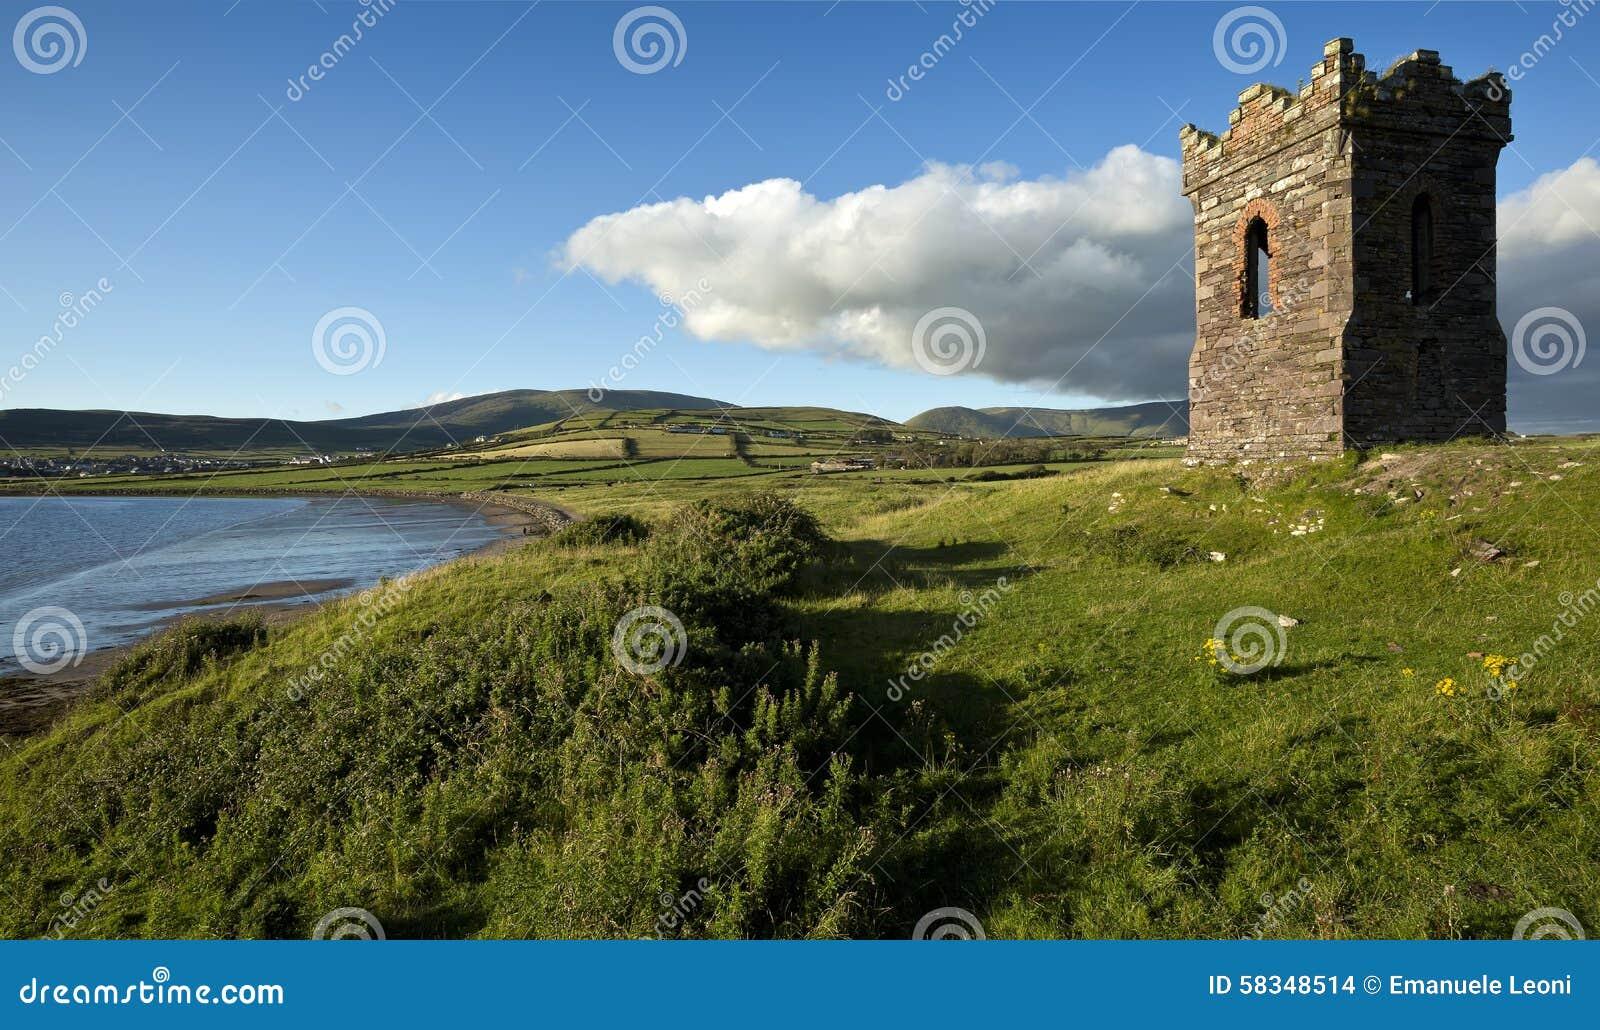 Stary kamienny zegarka wierza nad przyglądającą Dingle zatoką Co Kerry Irlandia jako łódź rybacka przewodzi out morze